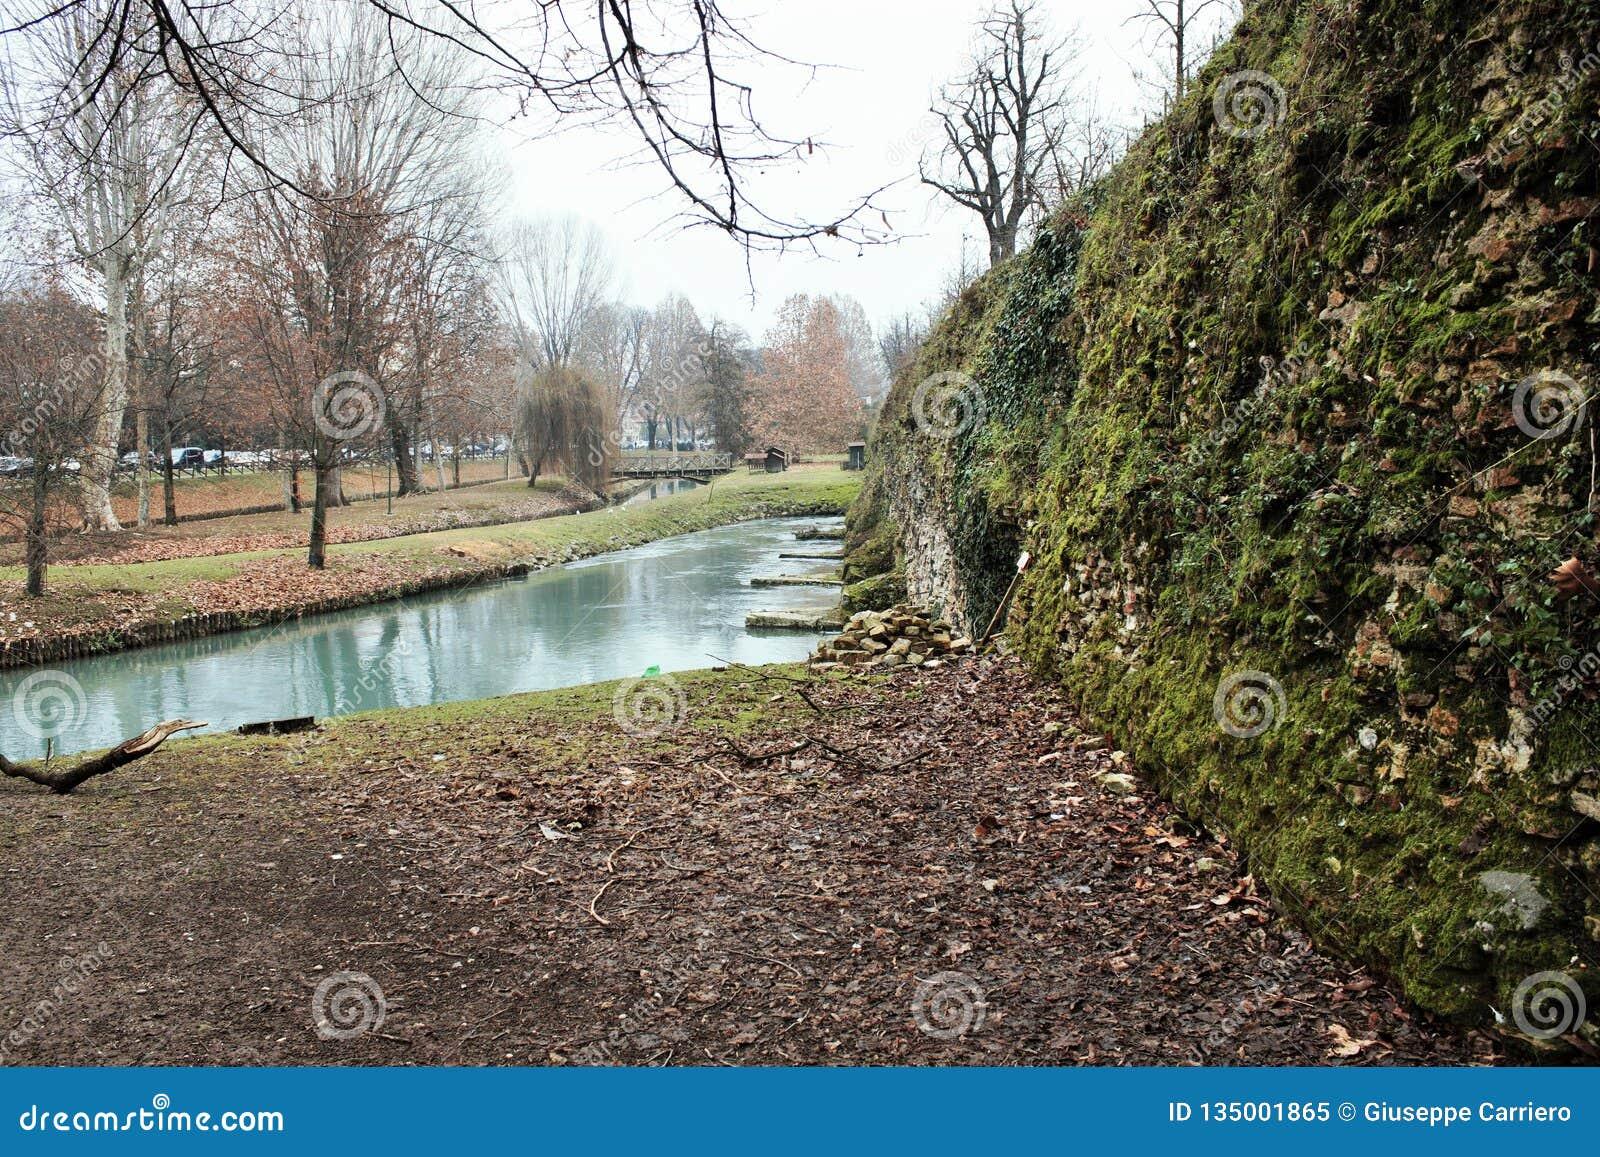 I mura di cinta di Treviso, è il complesso degli impianti difensivi eretti durante i secoli per difendere la città dagli attacchi